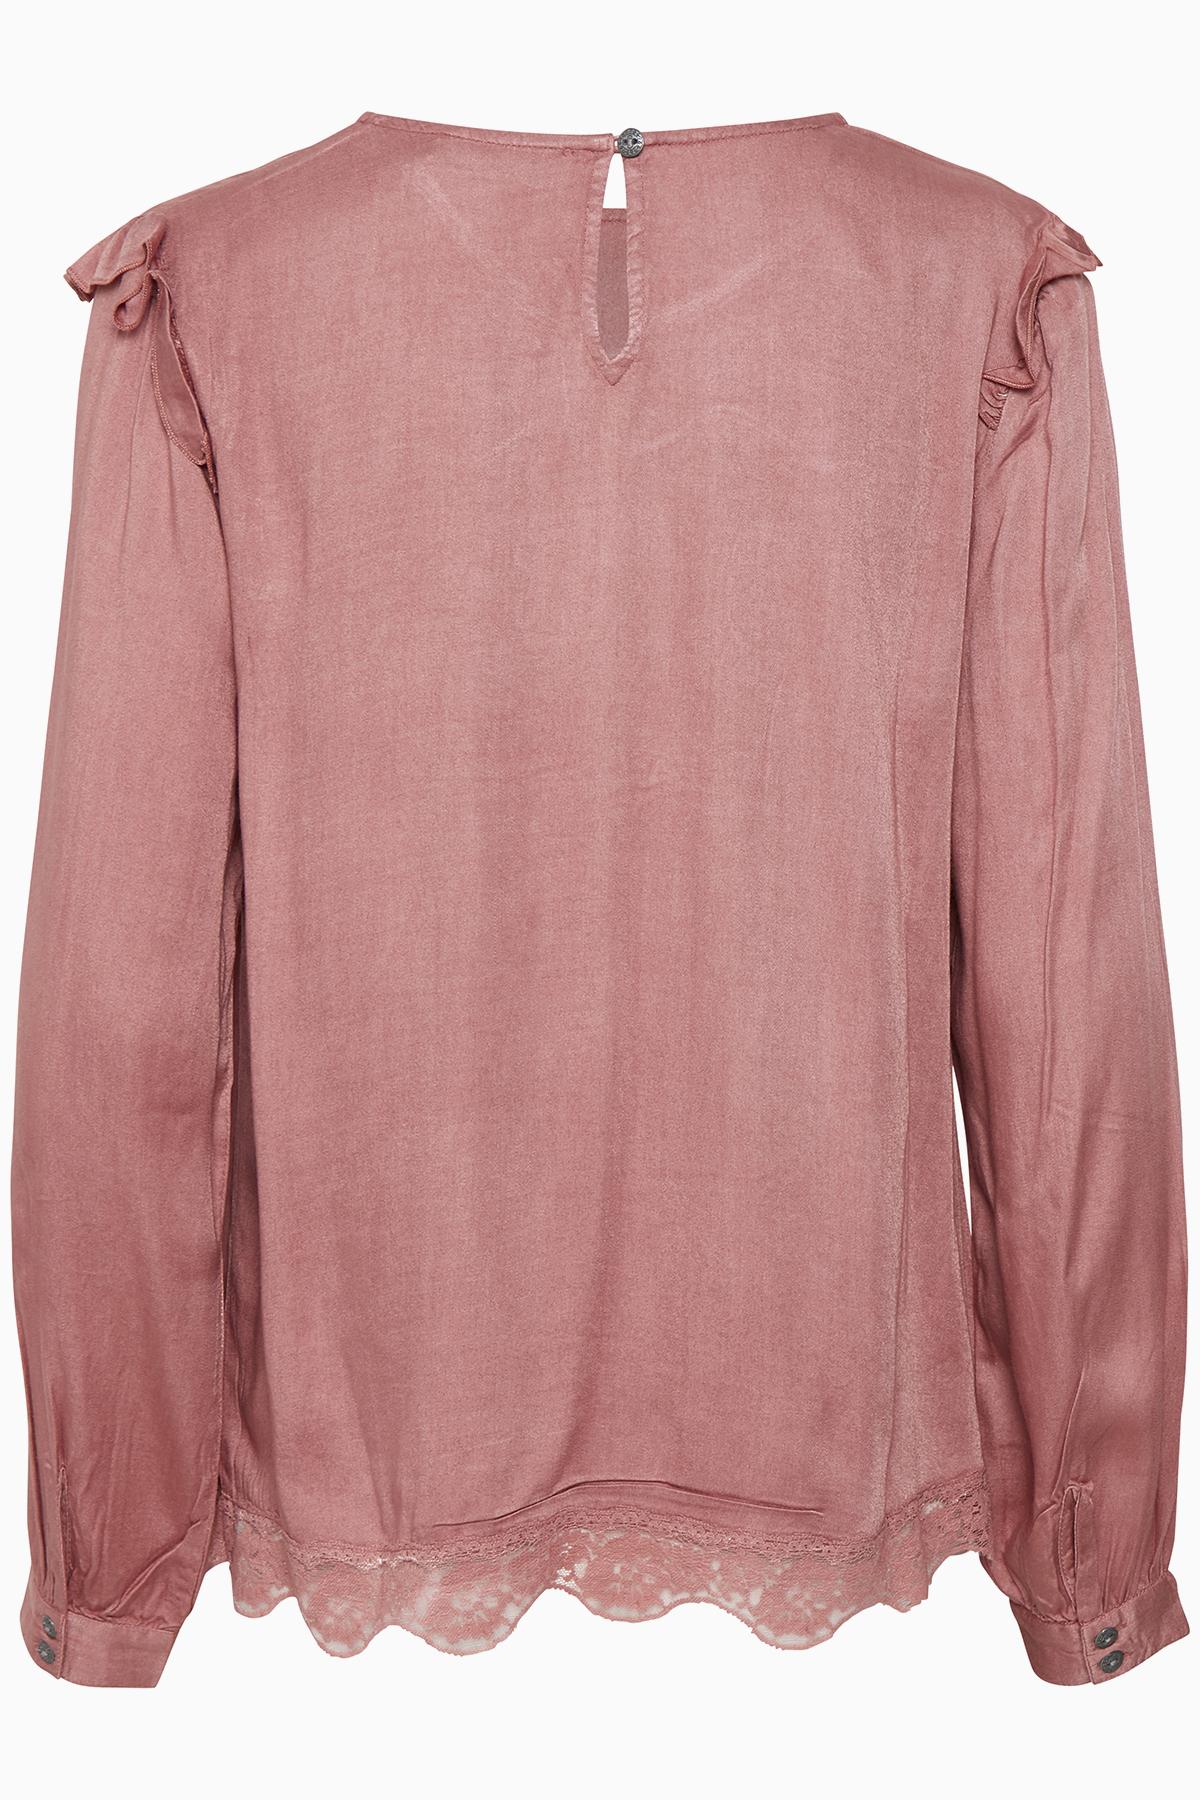 Støvet rosa Langærmet bluse fra Cream – Køb Støvet rosa Langærmet bluse fra str. 34-46 her